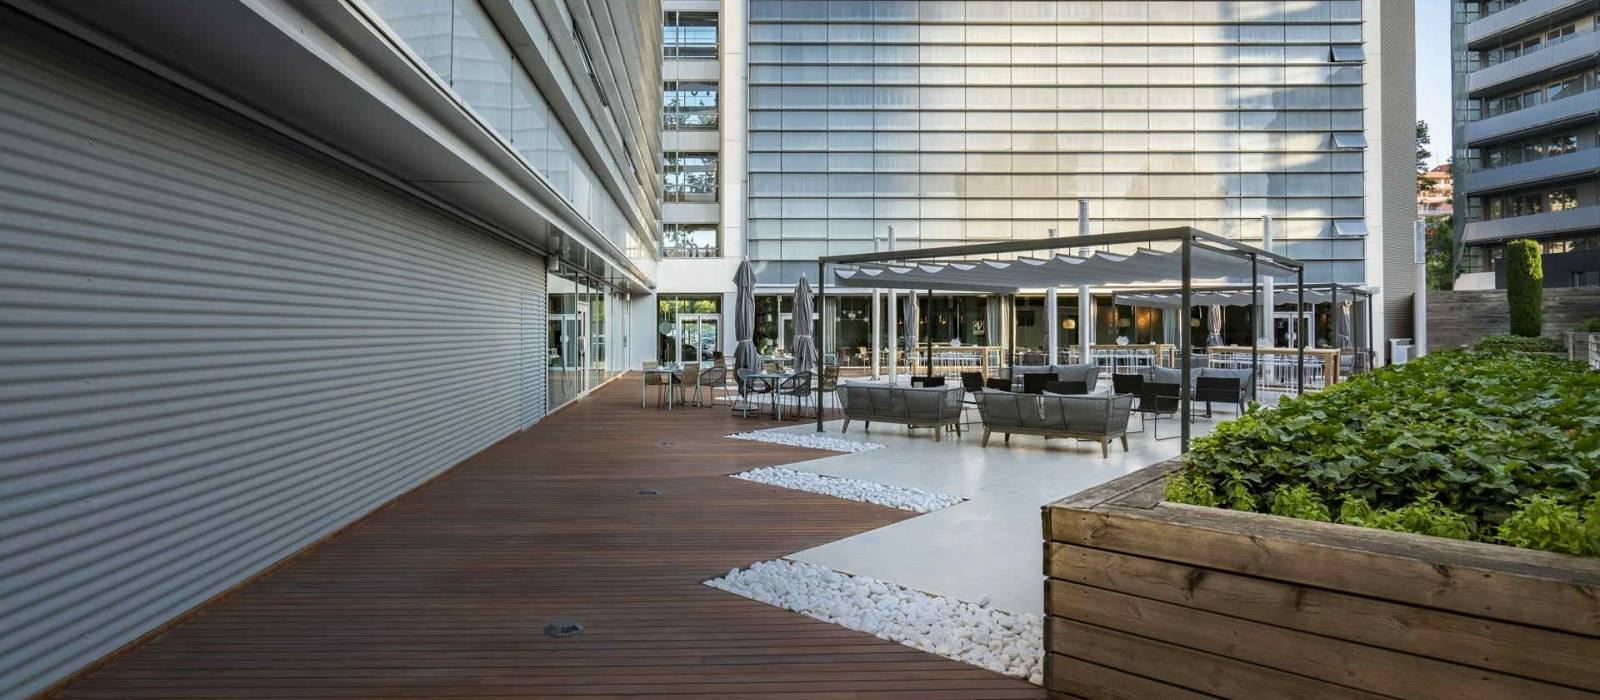 Hotel Vincci Barcelona Maritime Services 1 - Terrazza Jardí de Mar